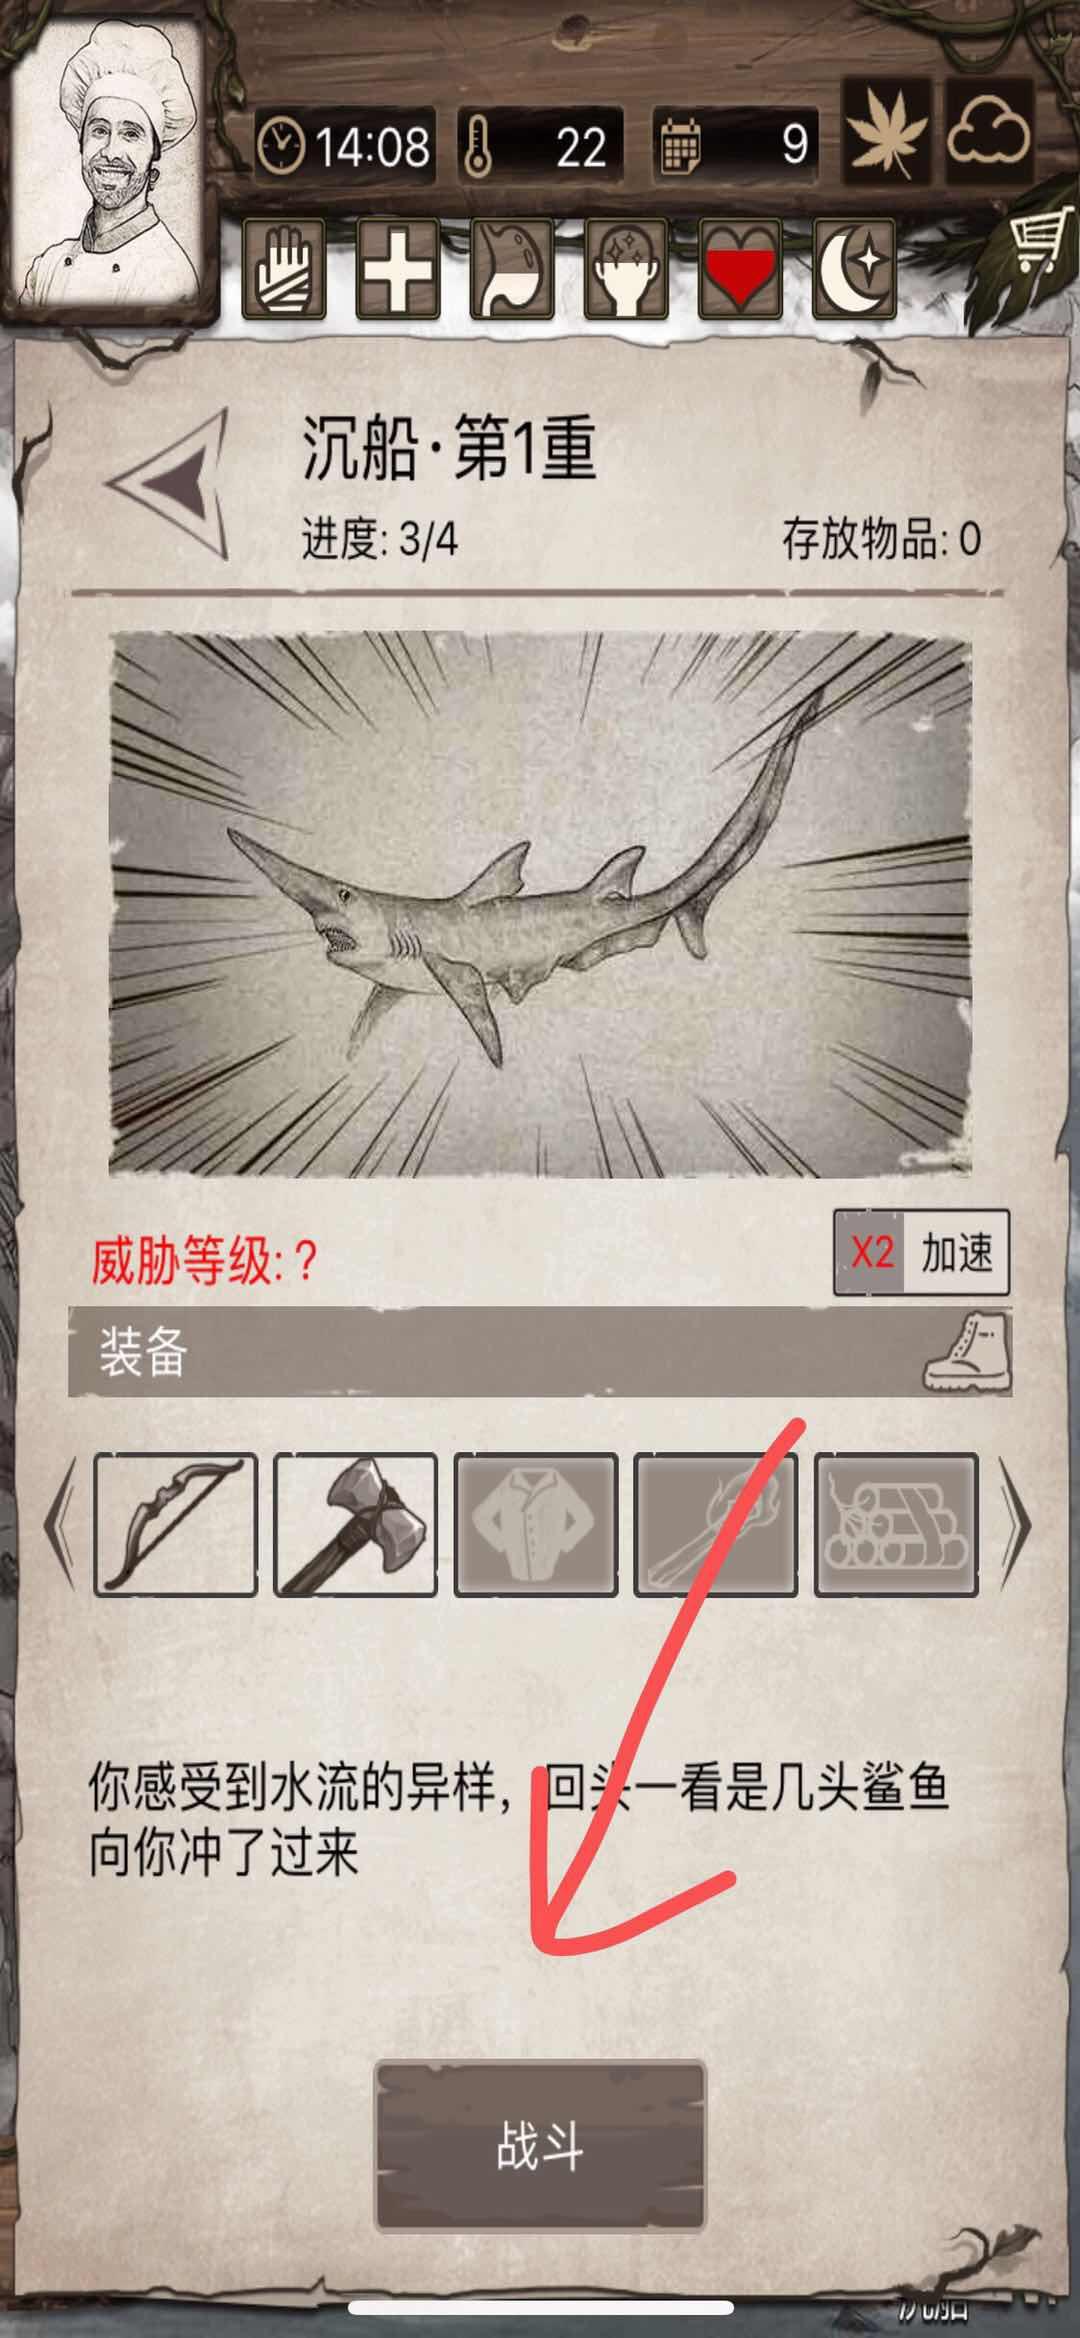 战斗技巧,荒岛求生游戏怎么杀鲨鱼